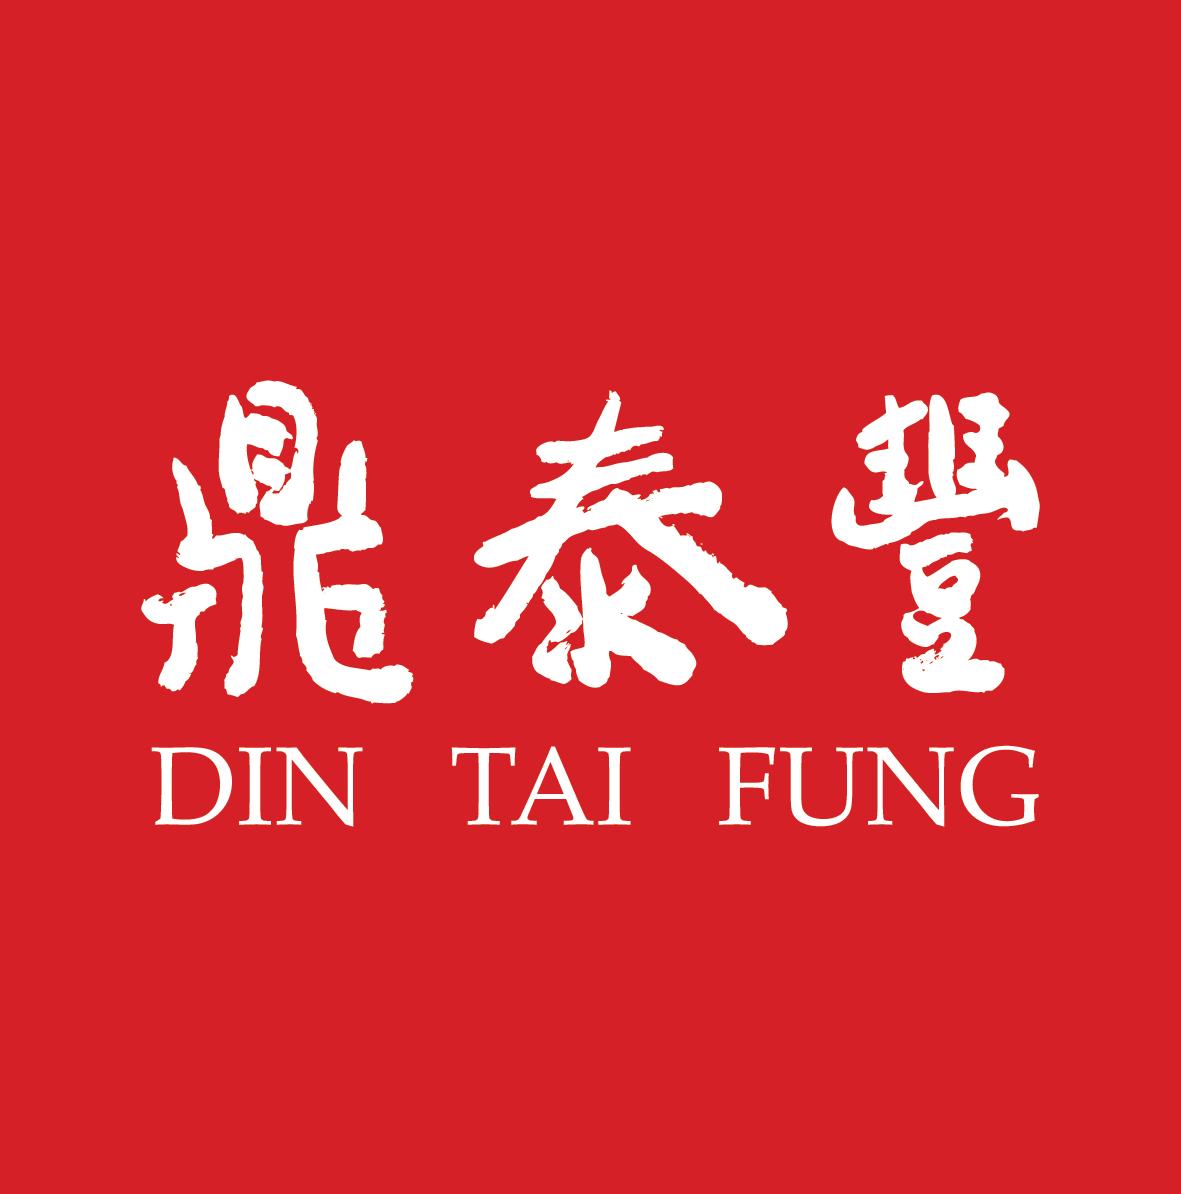 Din Tai Fung logo